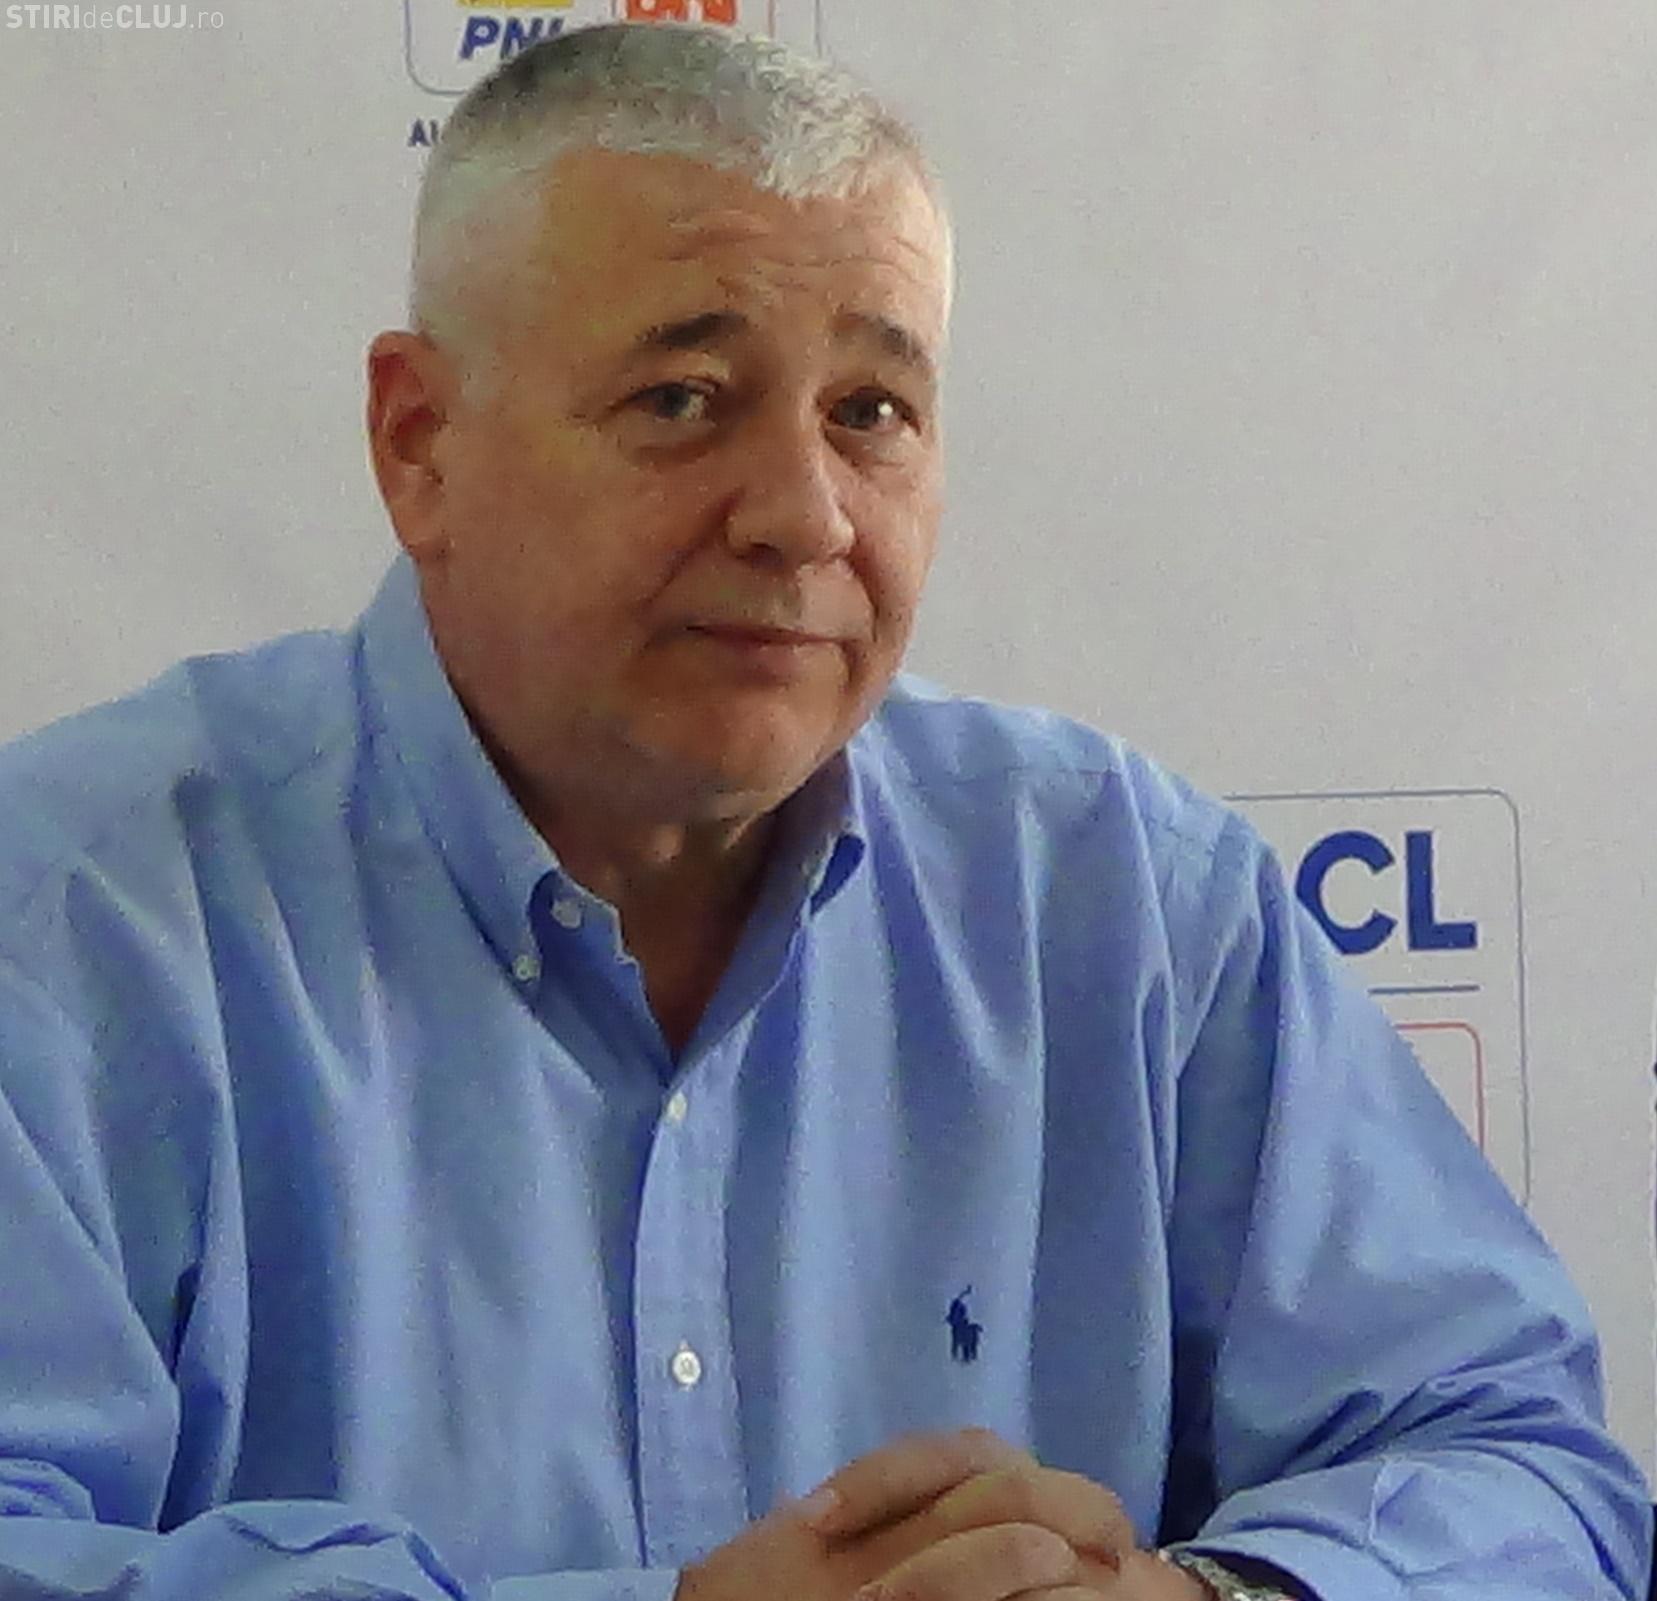 TSD Cluj: Senatorul Marius Nicoară vrea să îi demită pe uiorenii Valentin Lungu, Daniel Mihiș și Ioan Bîldea